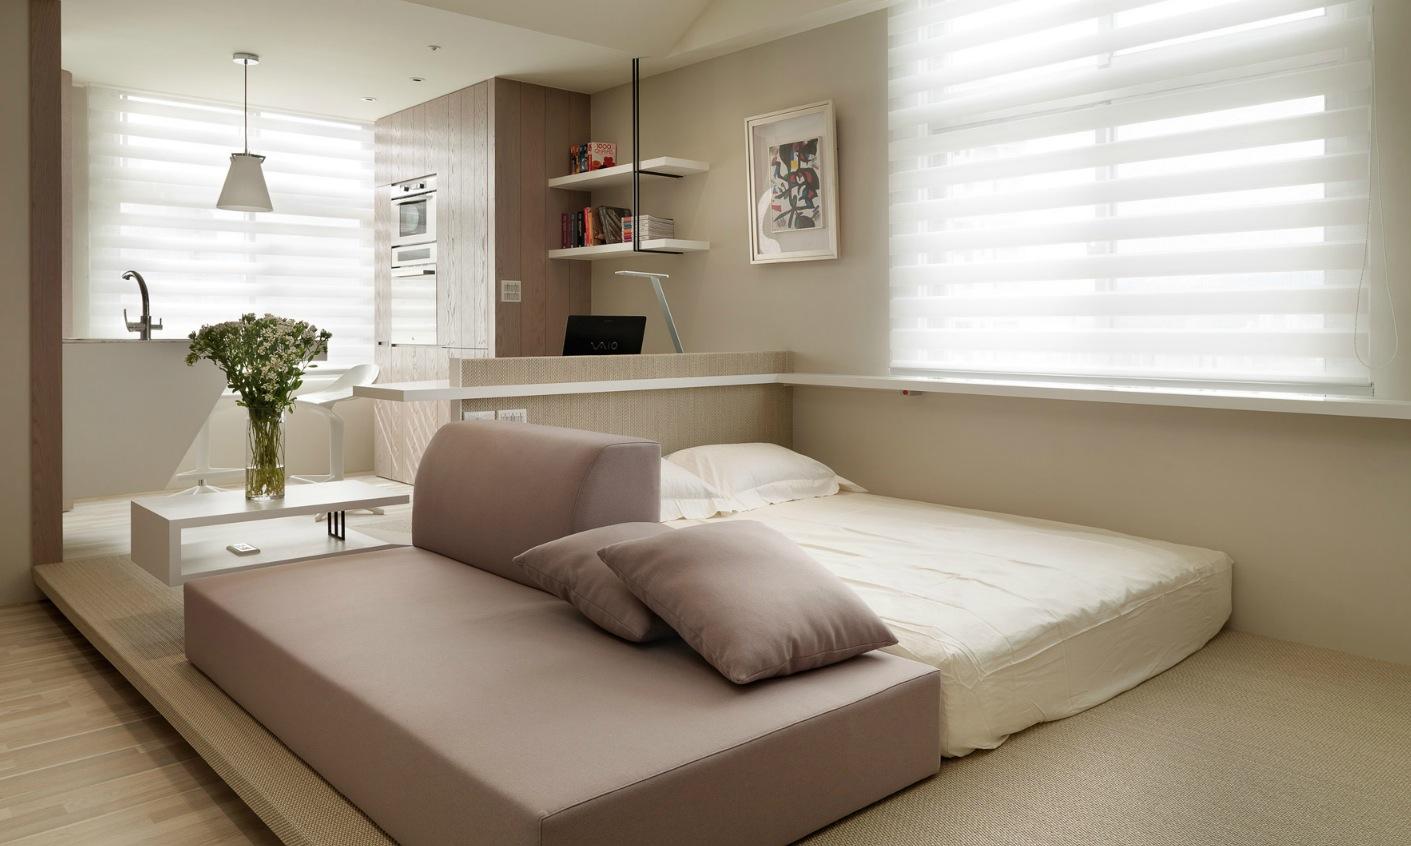 Однокомнатная квартира в японском стиле